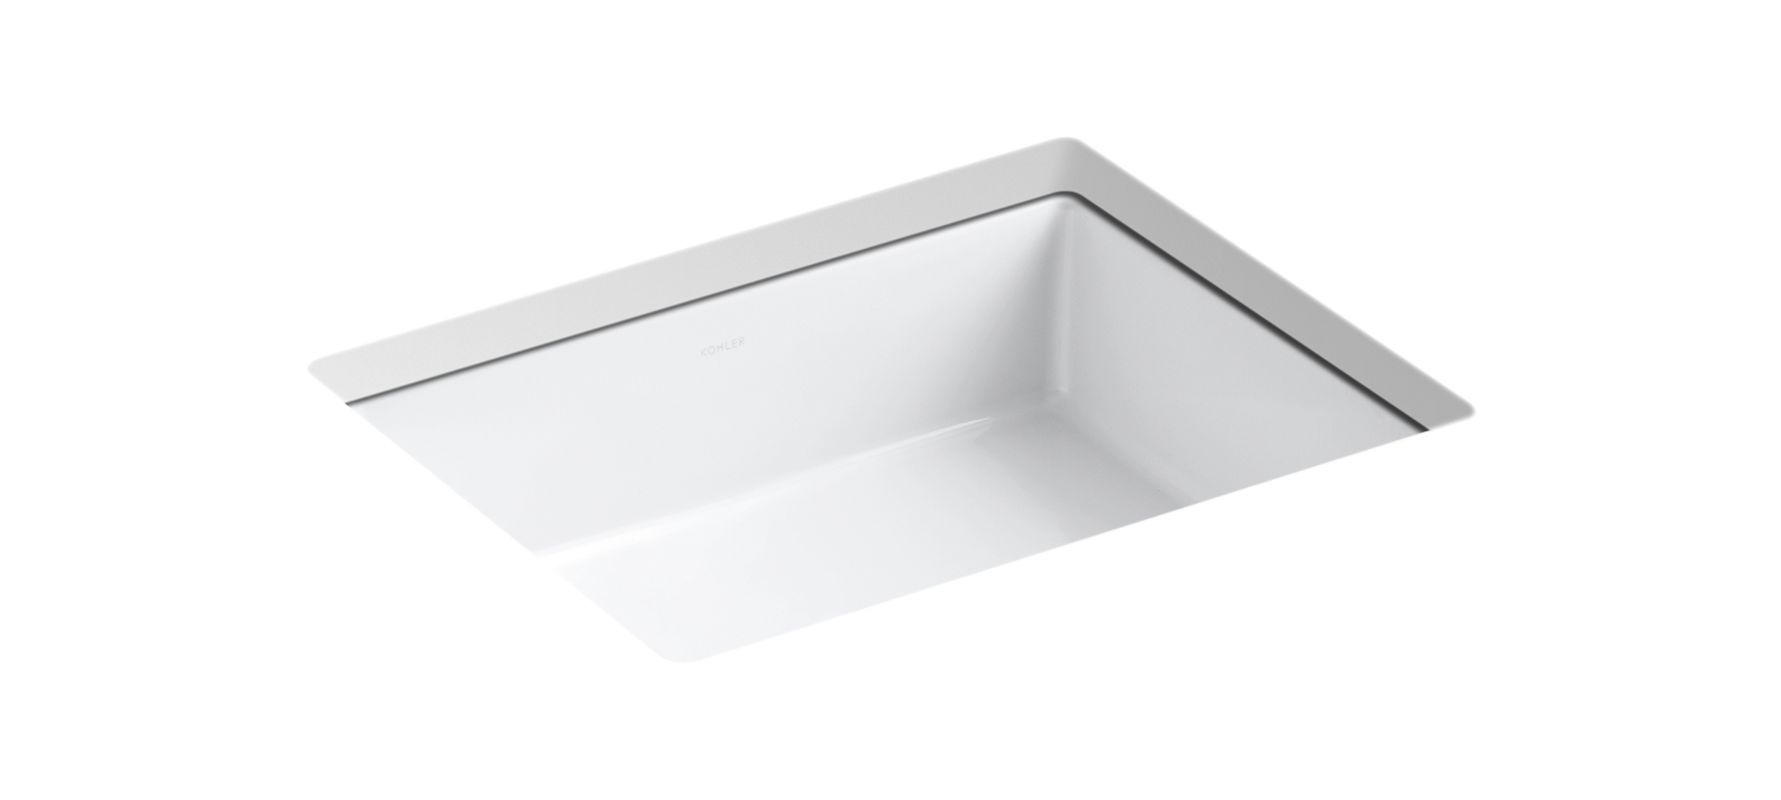 Verticylтў Rectangular Undermount Bathroom Sink K-2882-0 faucet   k-2882-0 in whitekohler